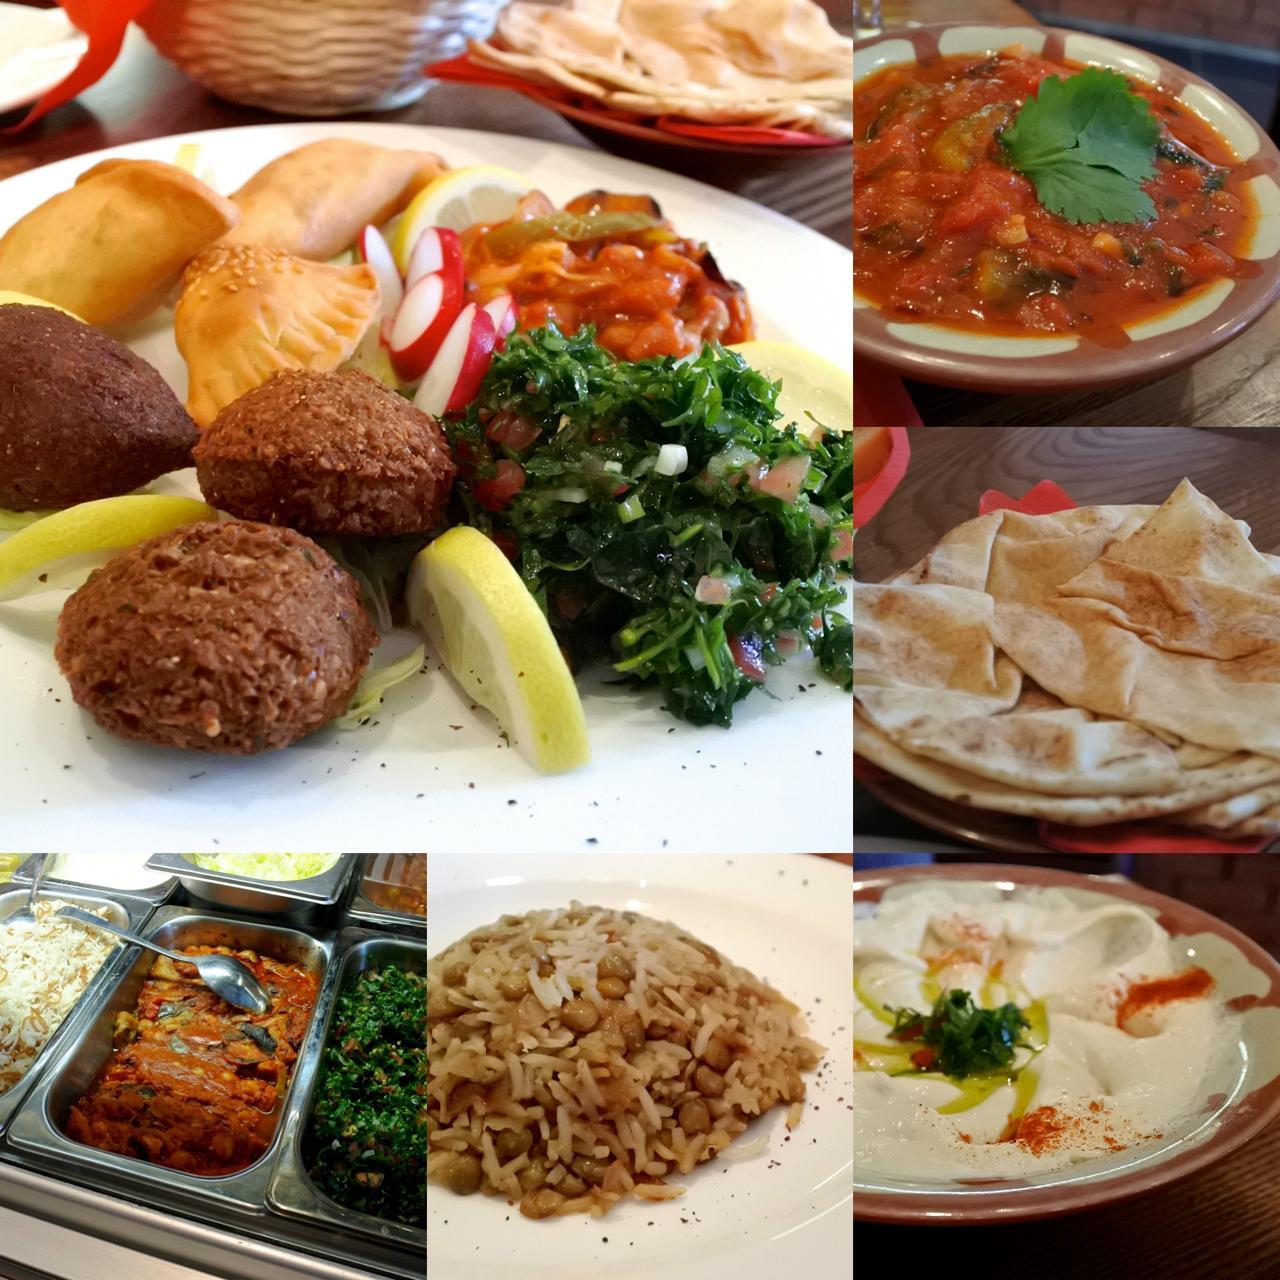 レバノン料理のメッゼ類。なかなかいけます!